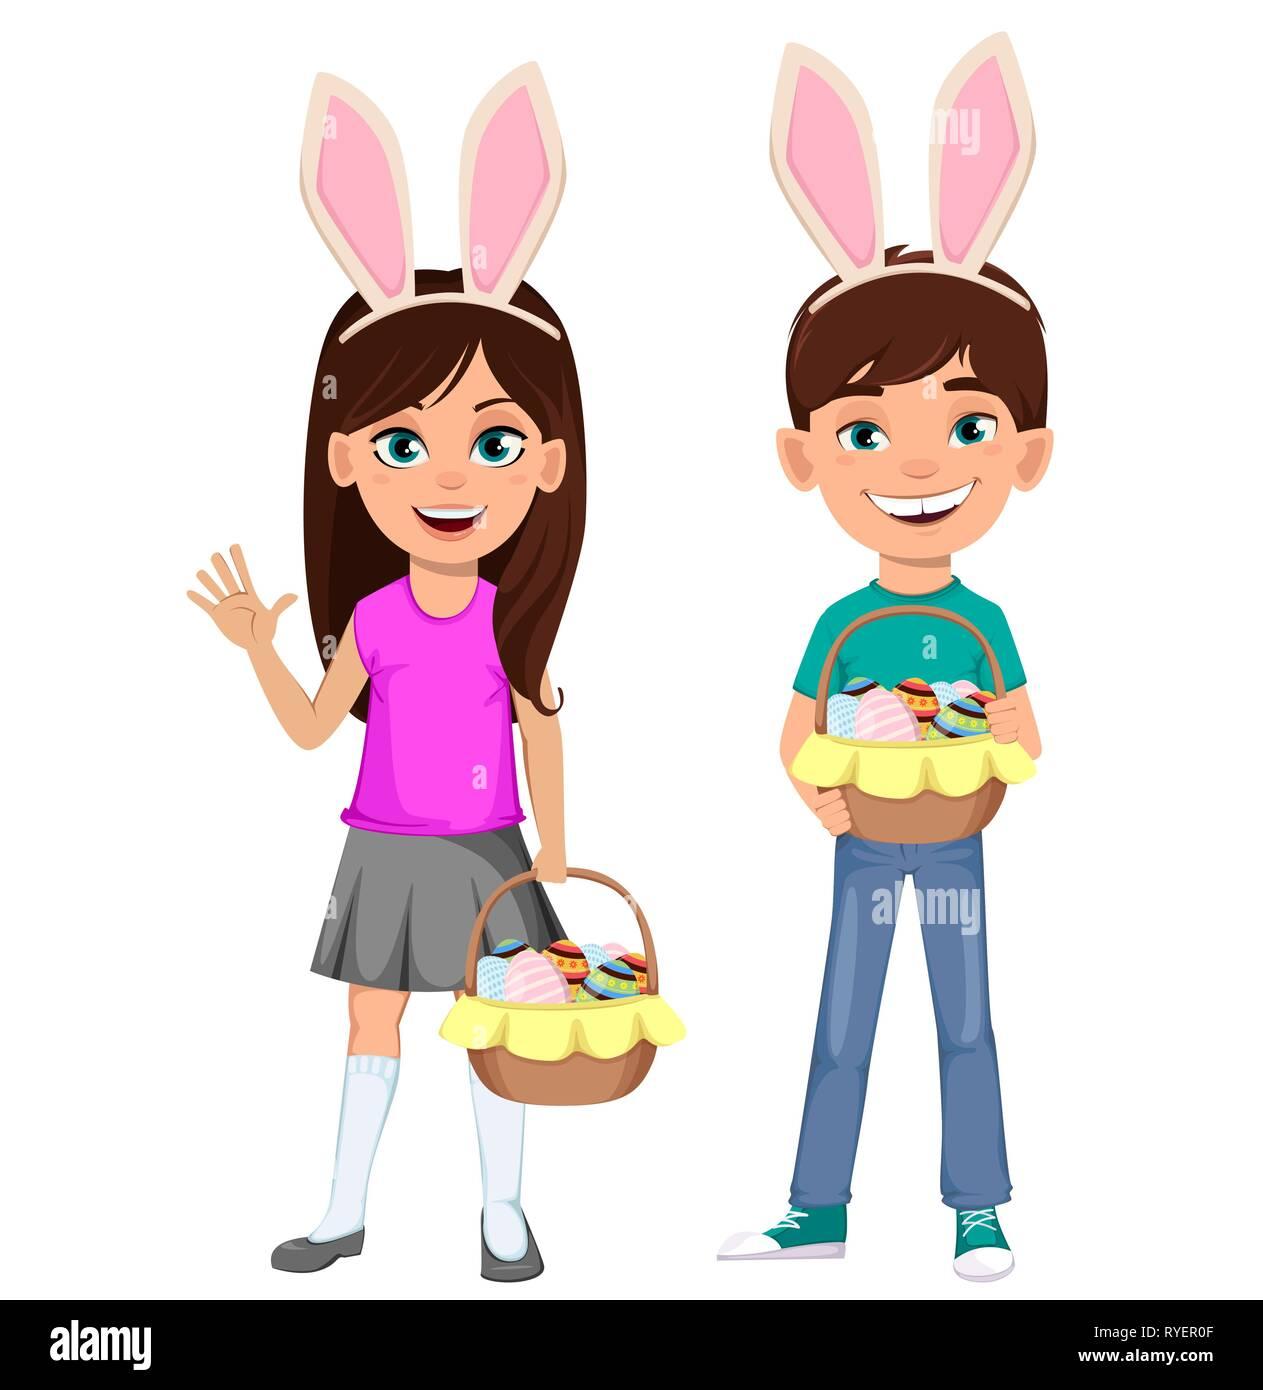 Acquista pz tela pasqua cestino orecchie da coniglio buona